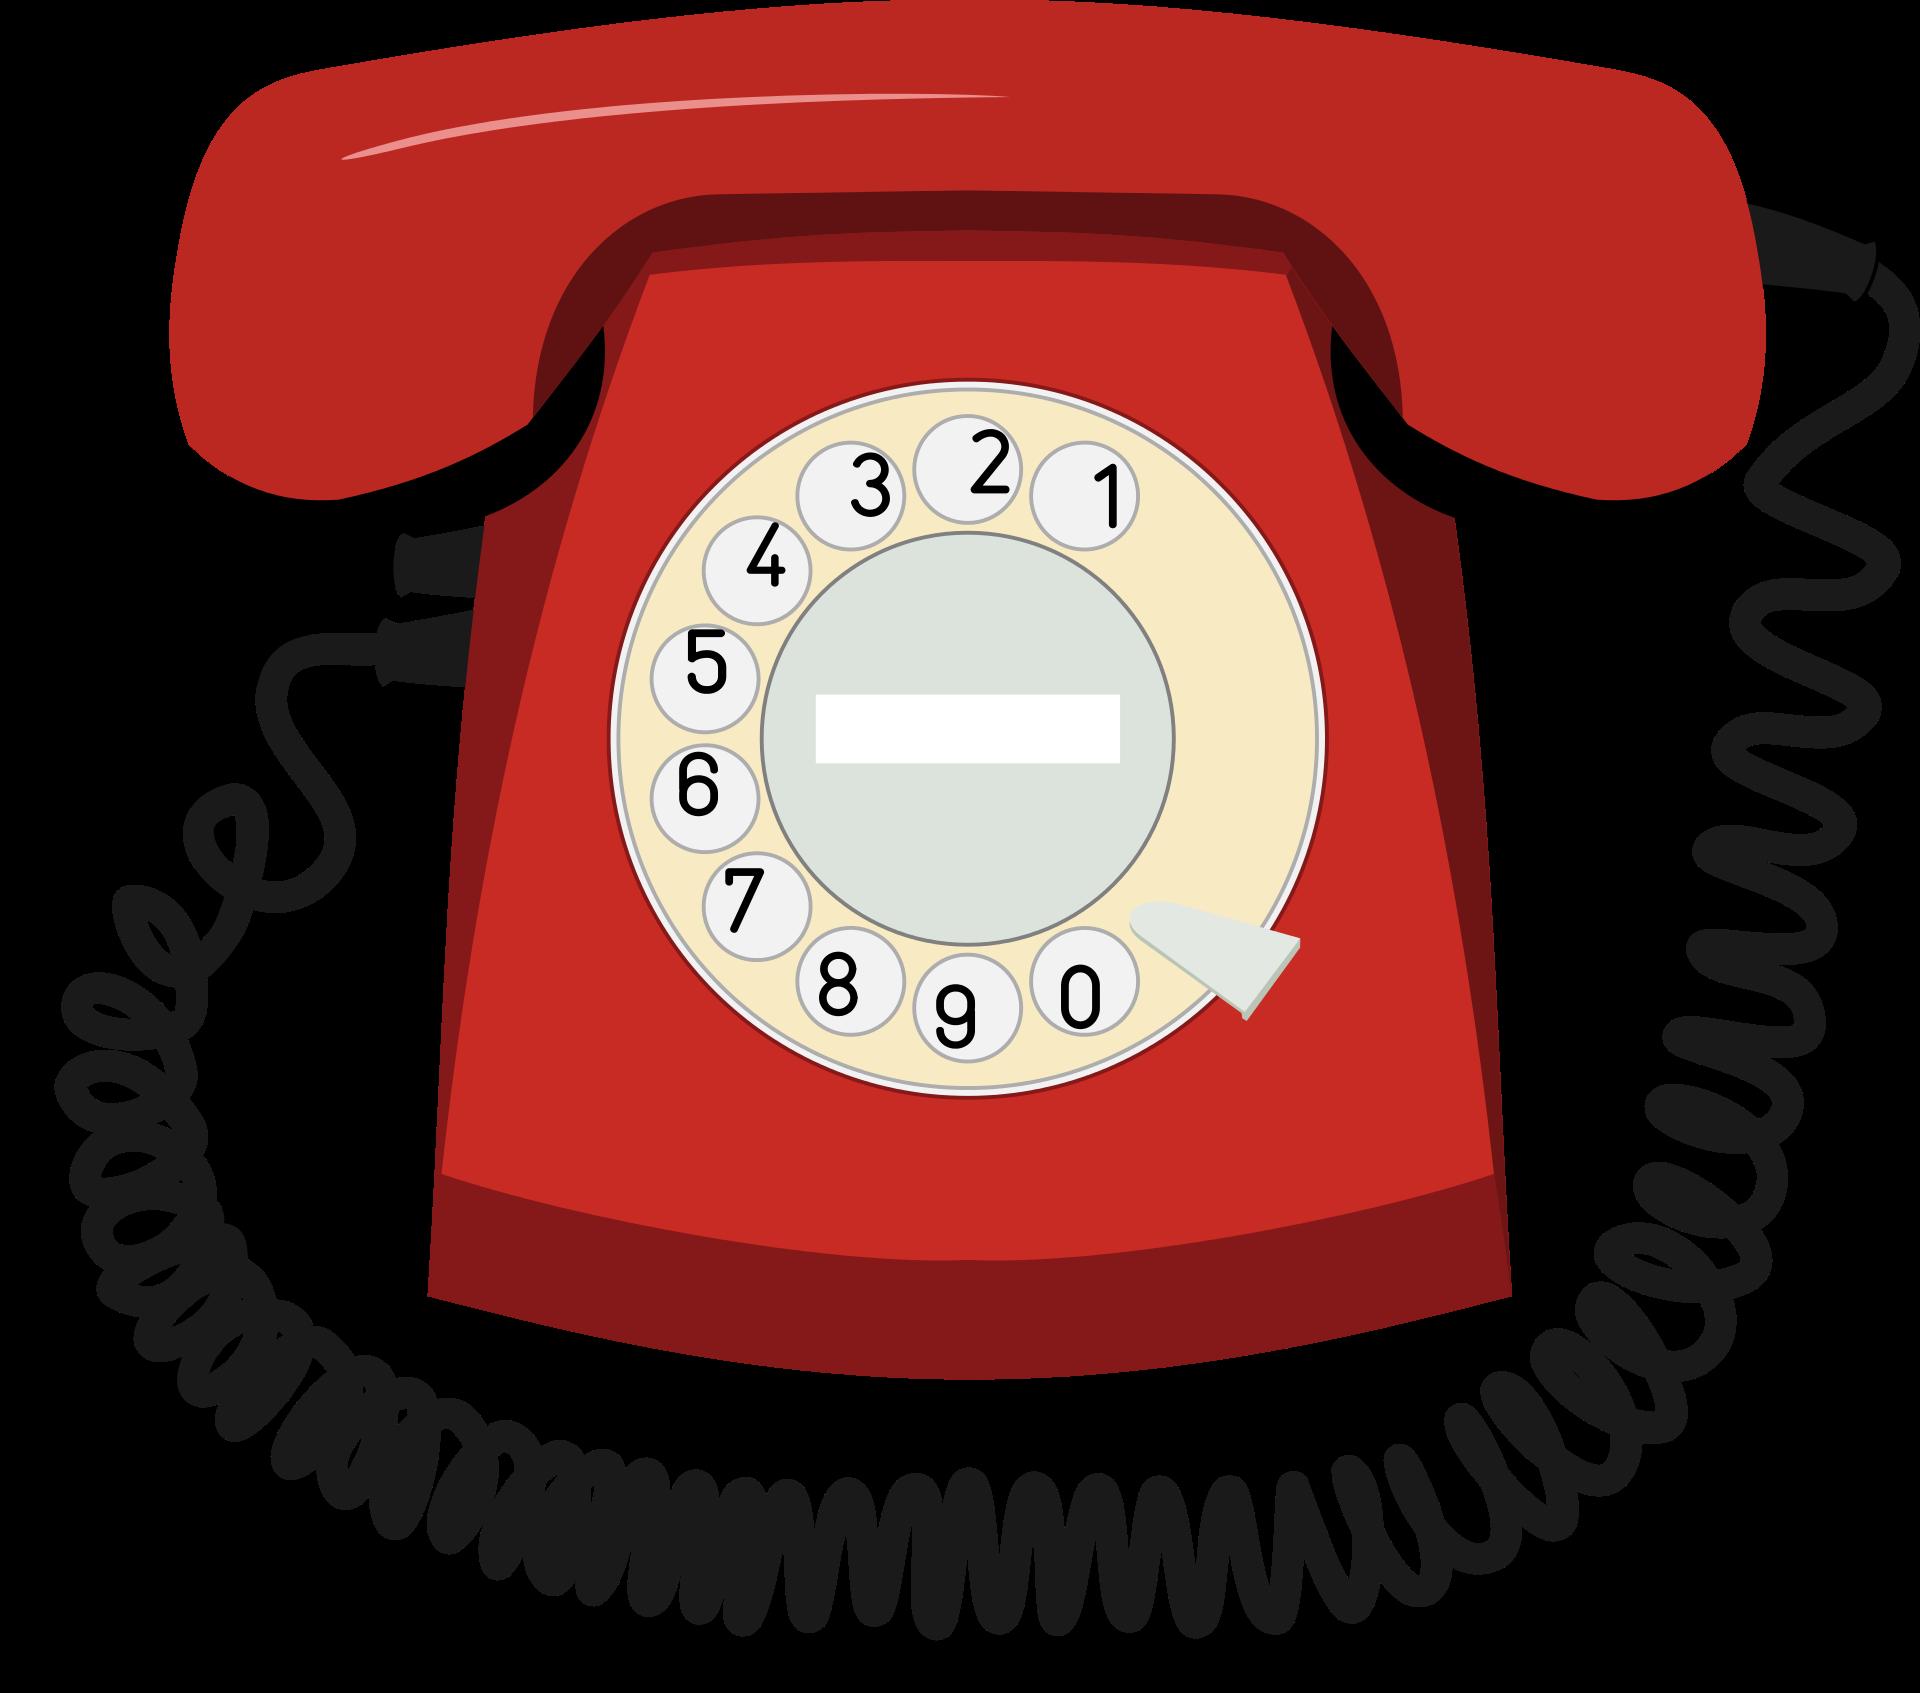 Landline ringtone clip art. Telephone clipart handset